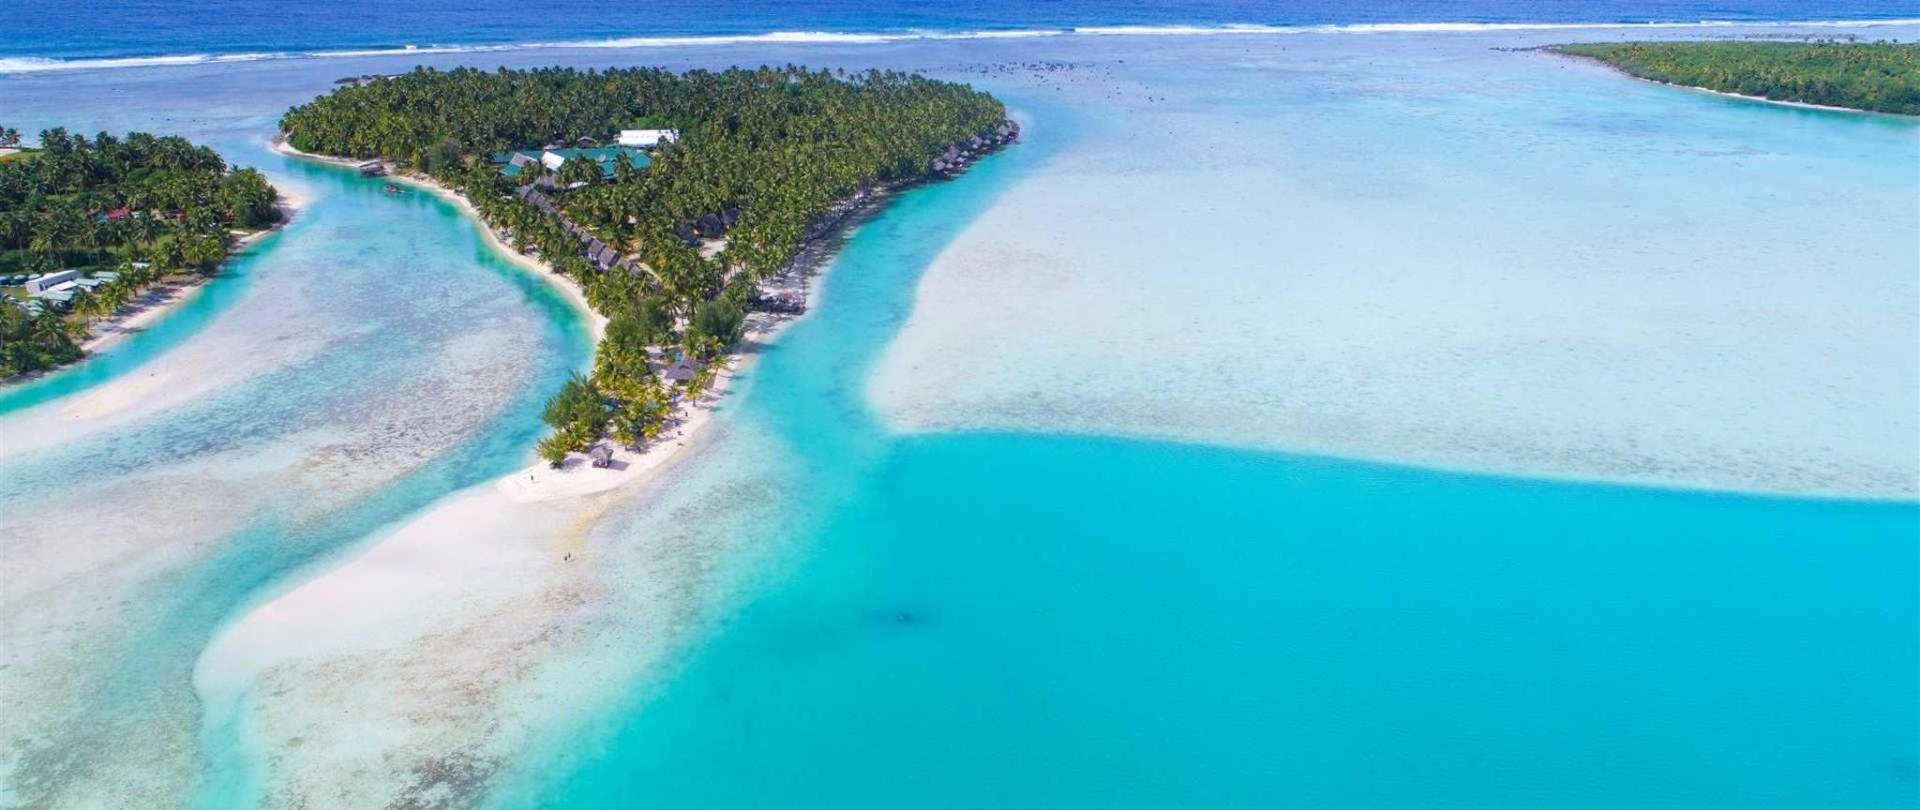 aitutaki private island resort - aitutaki lagoon - cook island